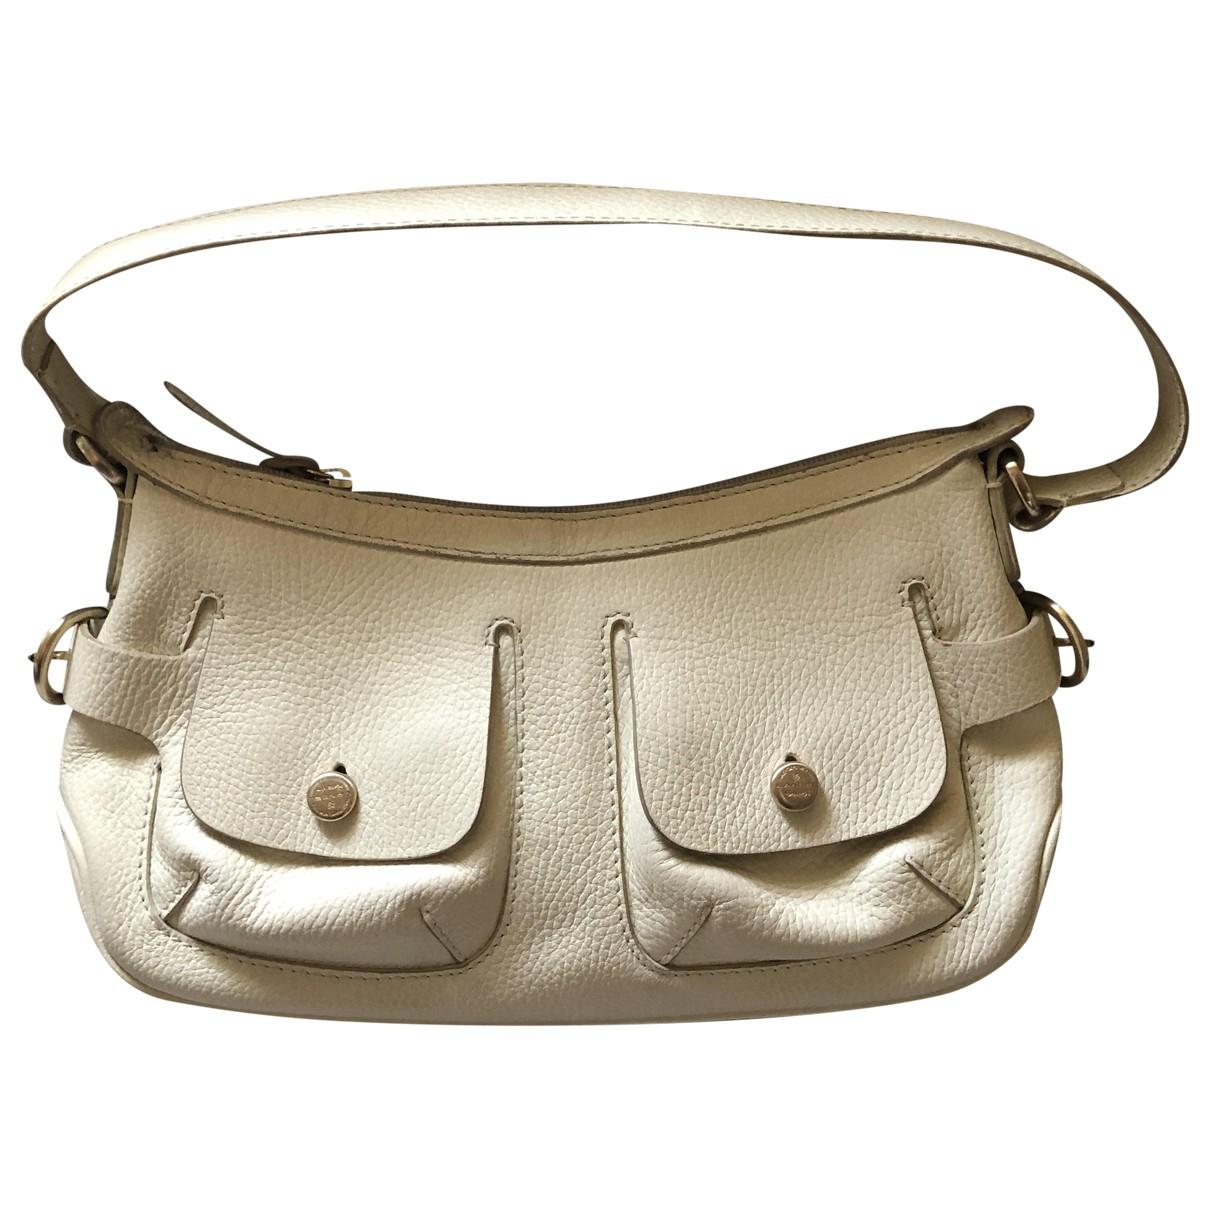 Lancel \N White Leather handbag for Women \N